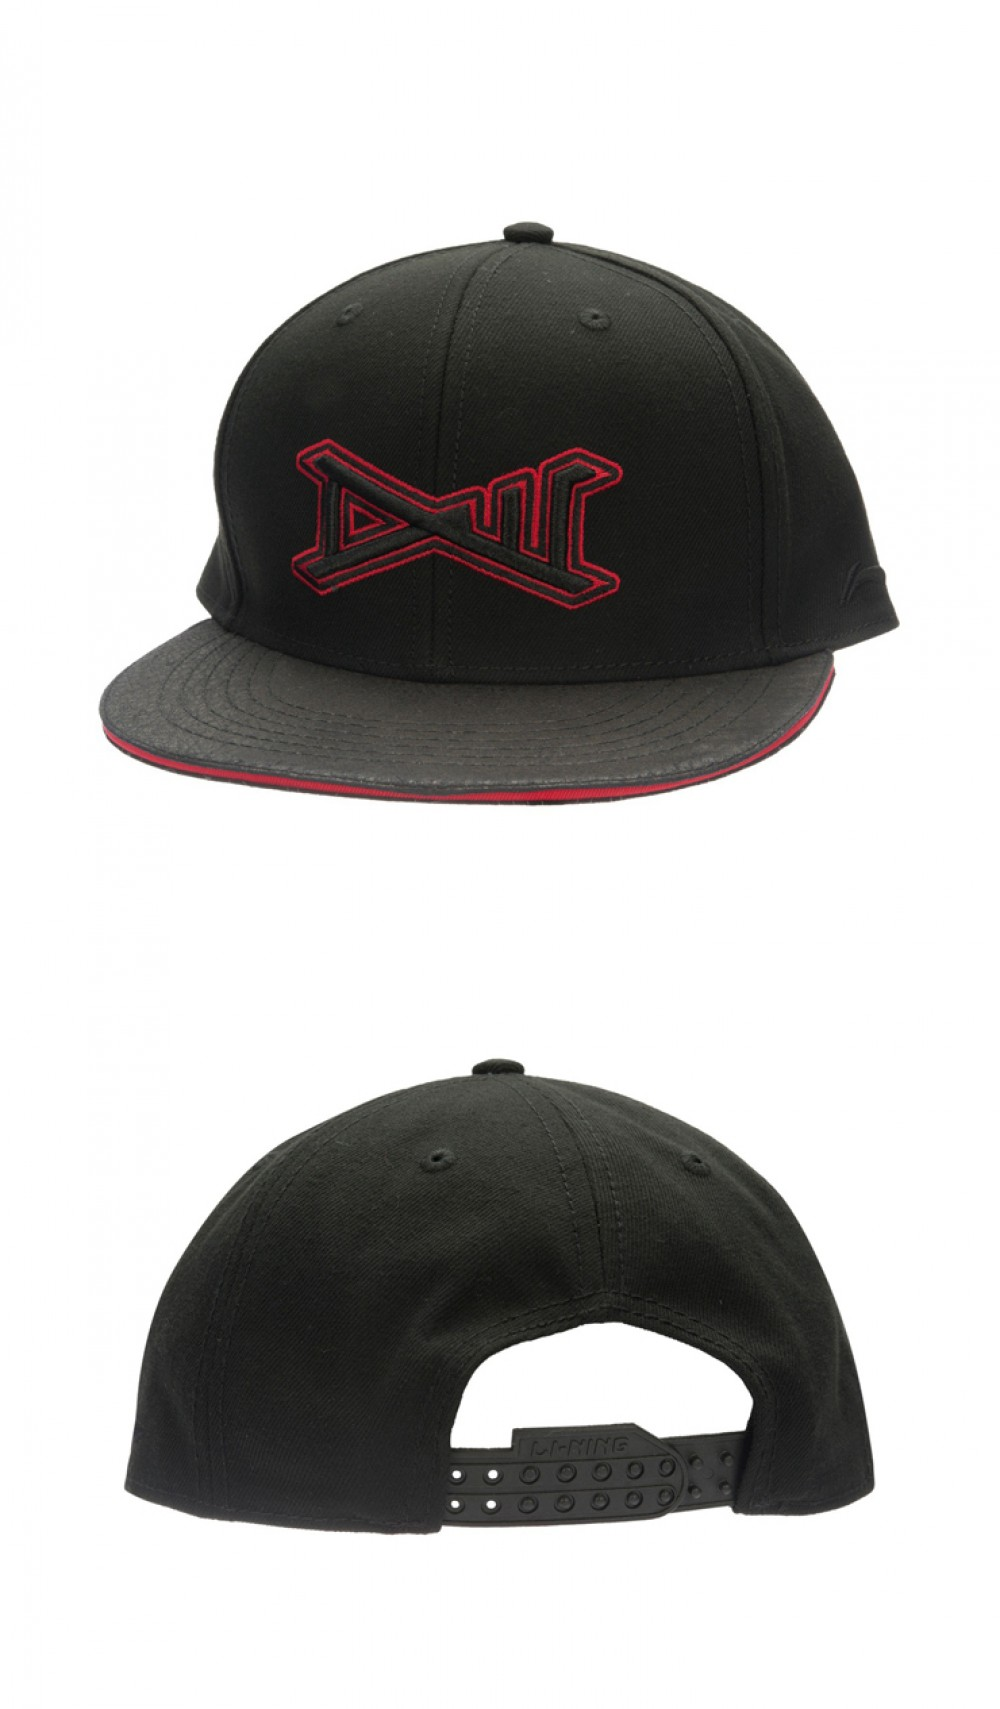 Li-Ning WoW 4 Wade Fashion Snapback Hat